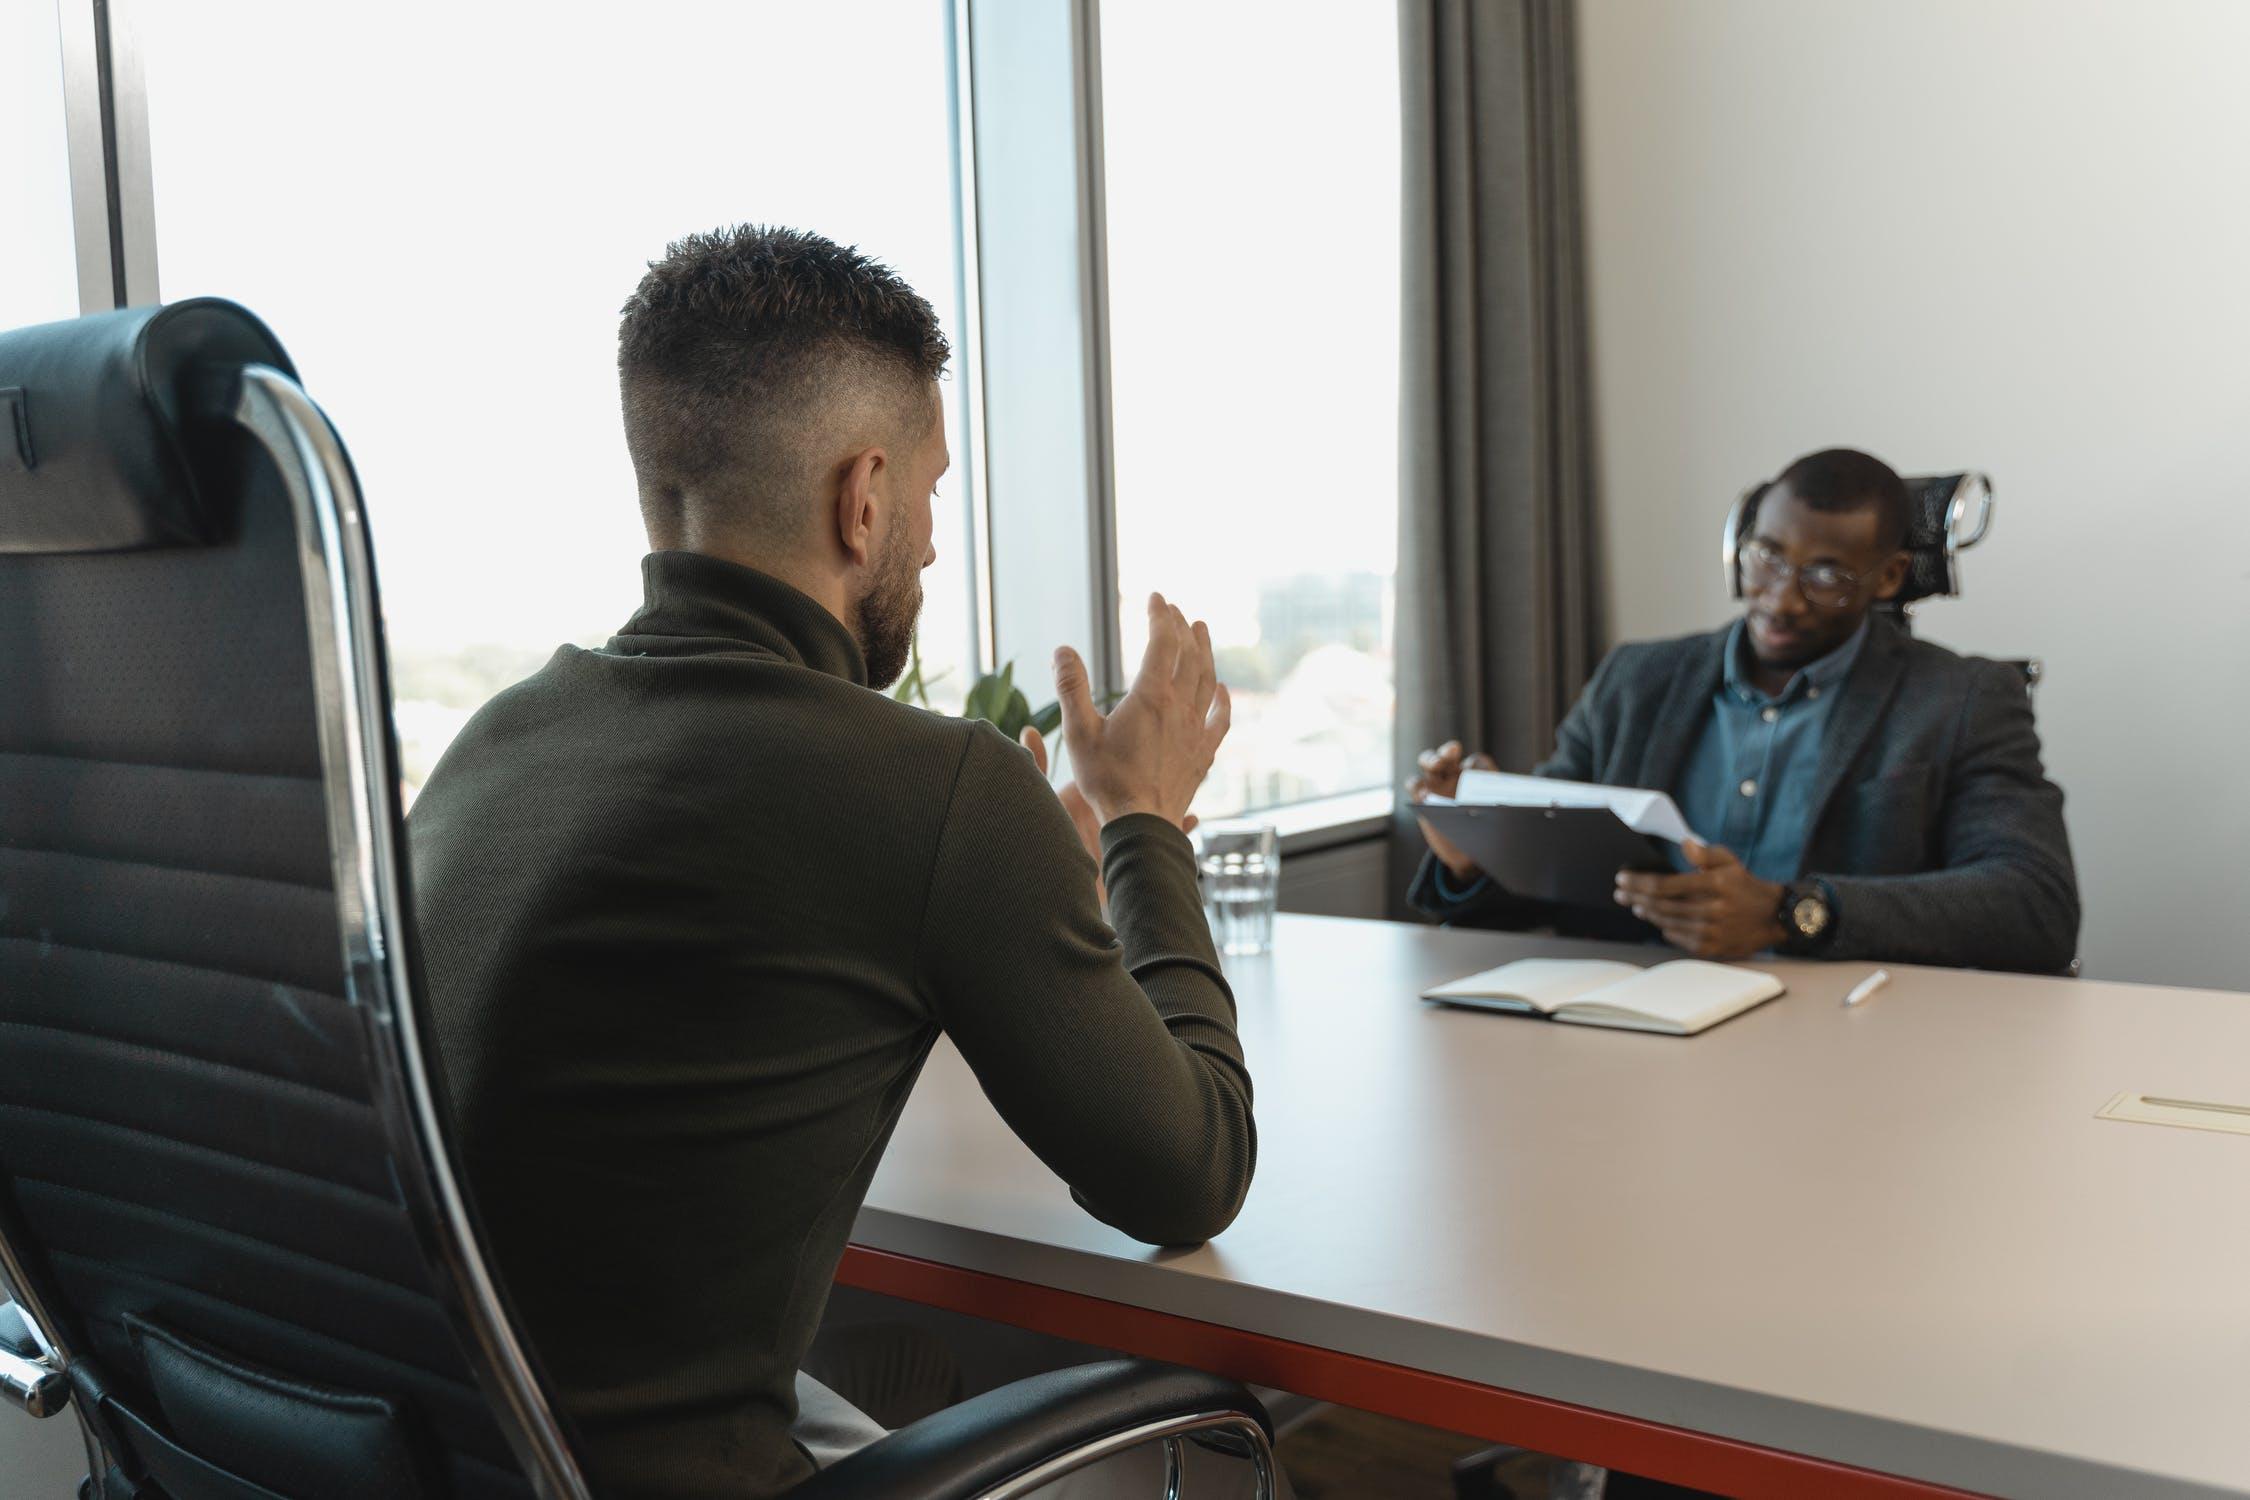 Entretien d'embauche : comment convaincre et plaire à un recruteur ?